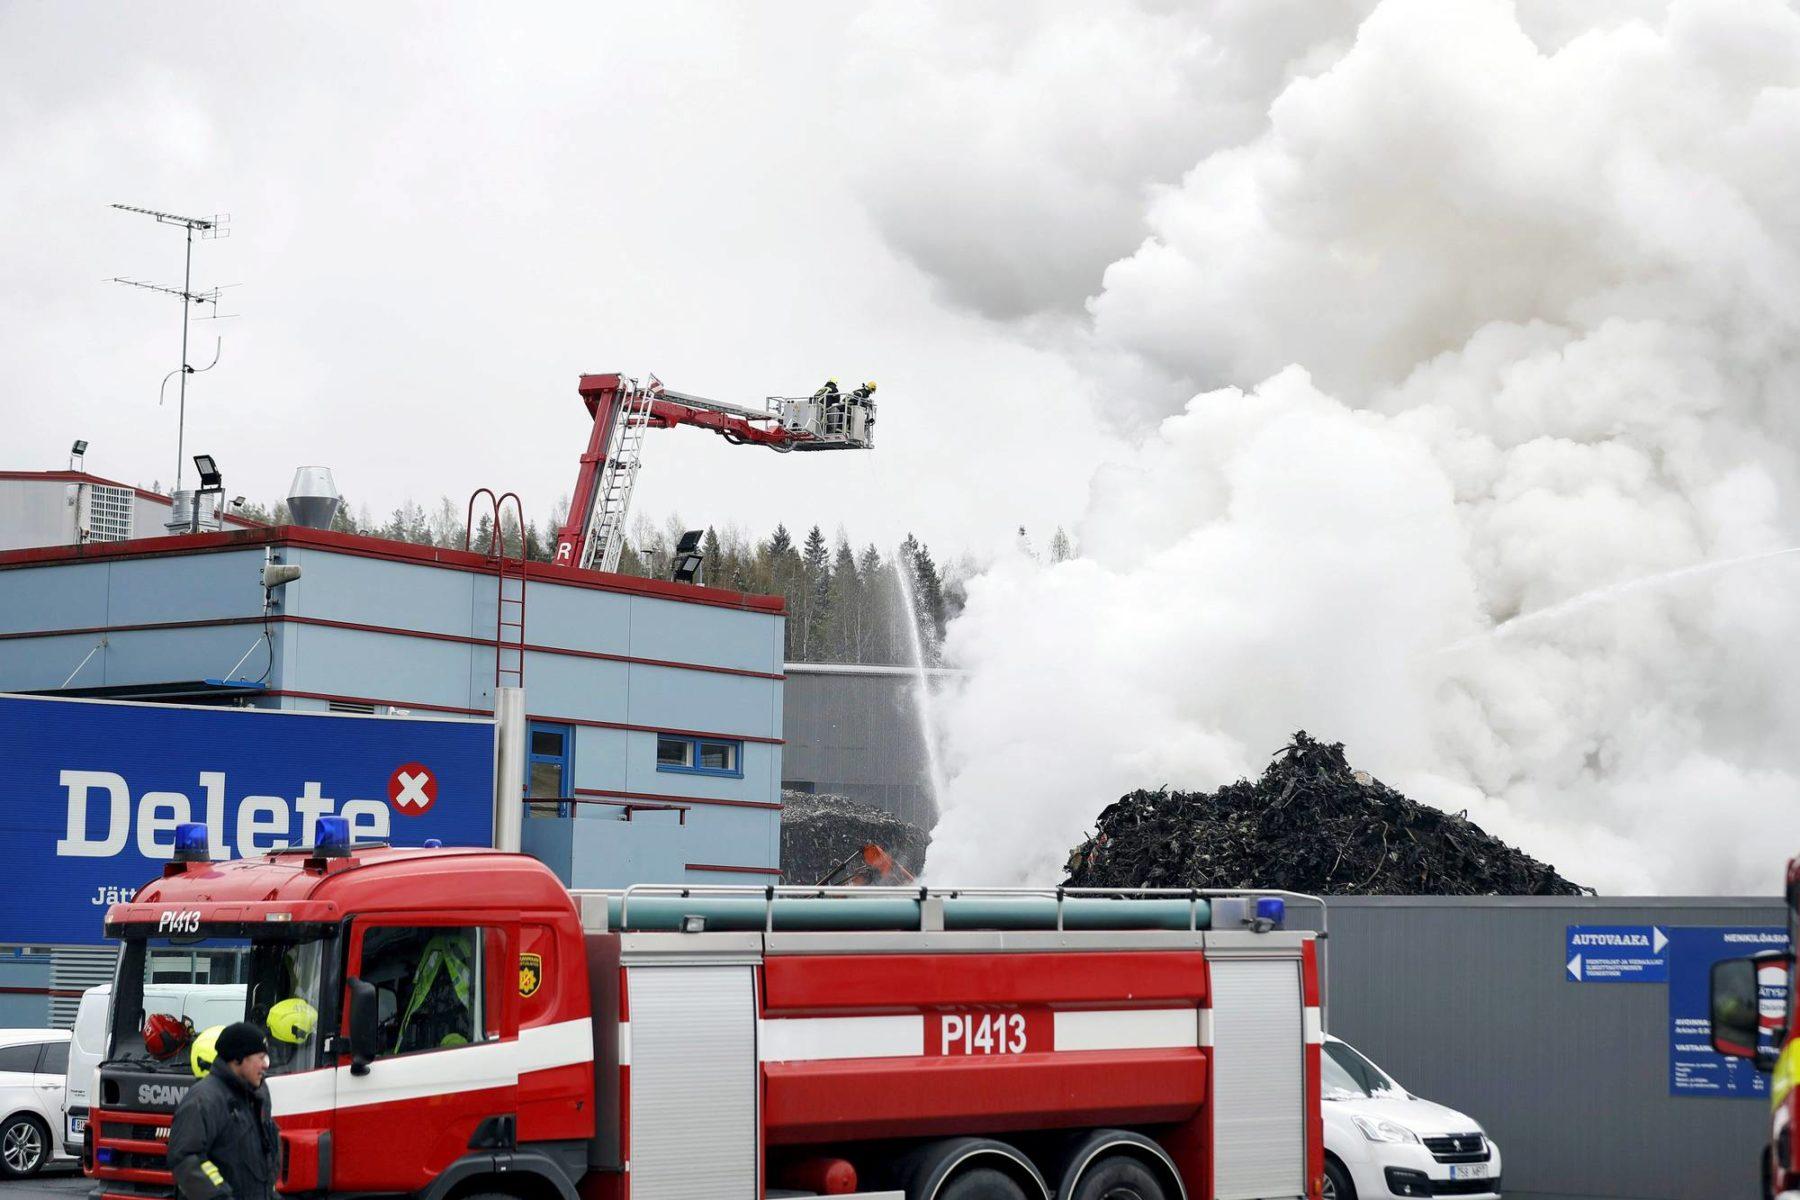 Pelastuslaitos sammutti rakennusjätekasan paloa Ruskon teollisuusalueella Tampereella 11. toukokuuta.